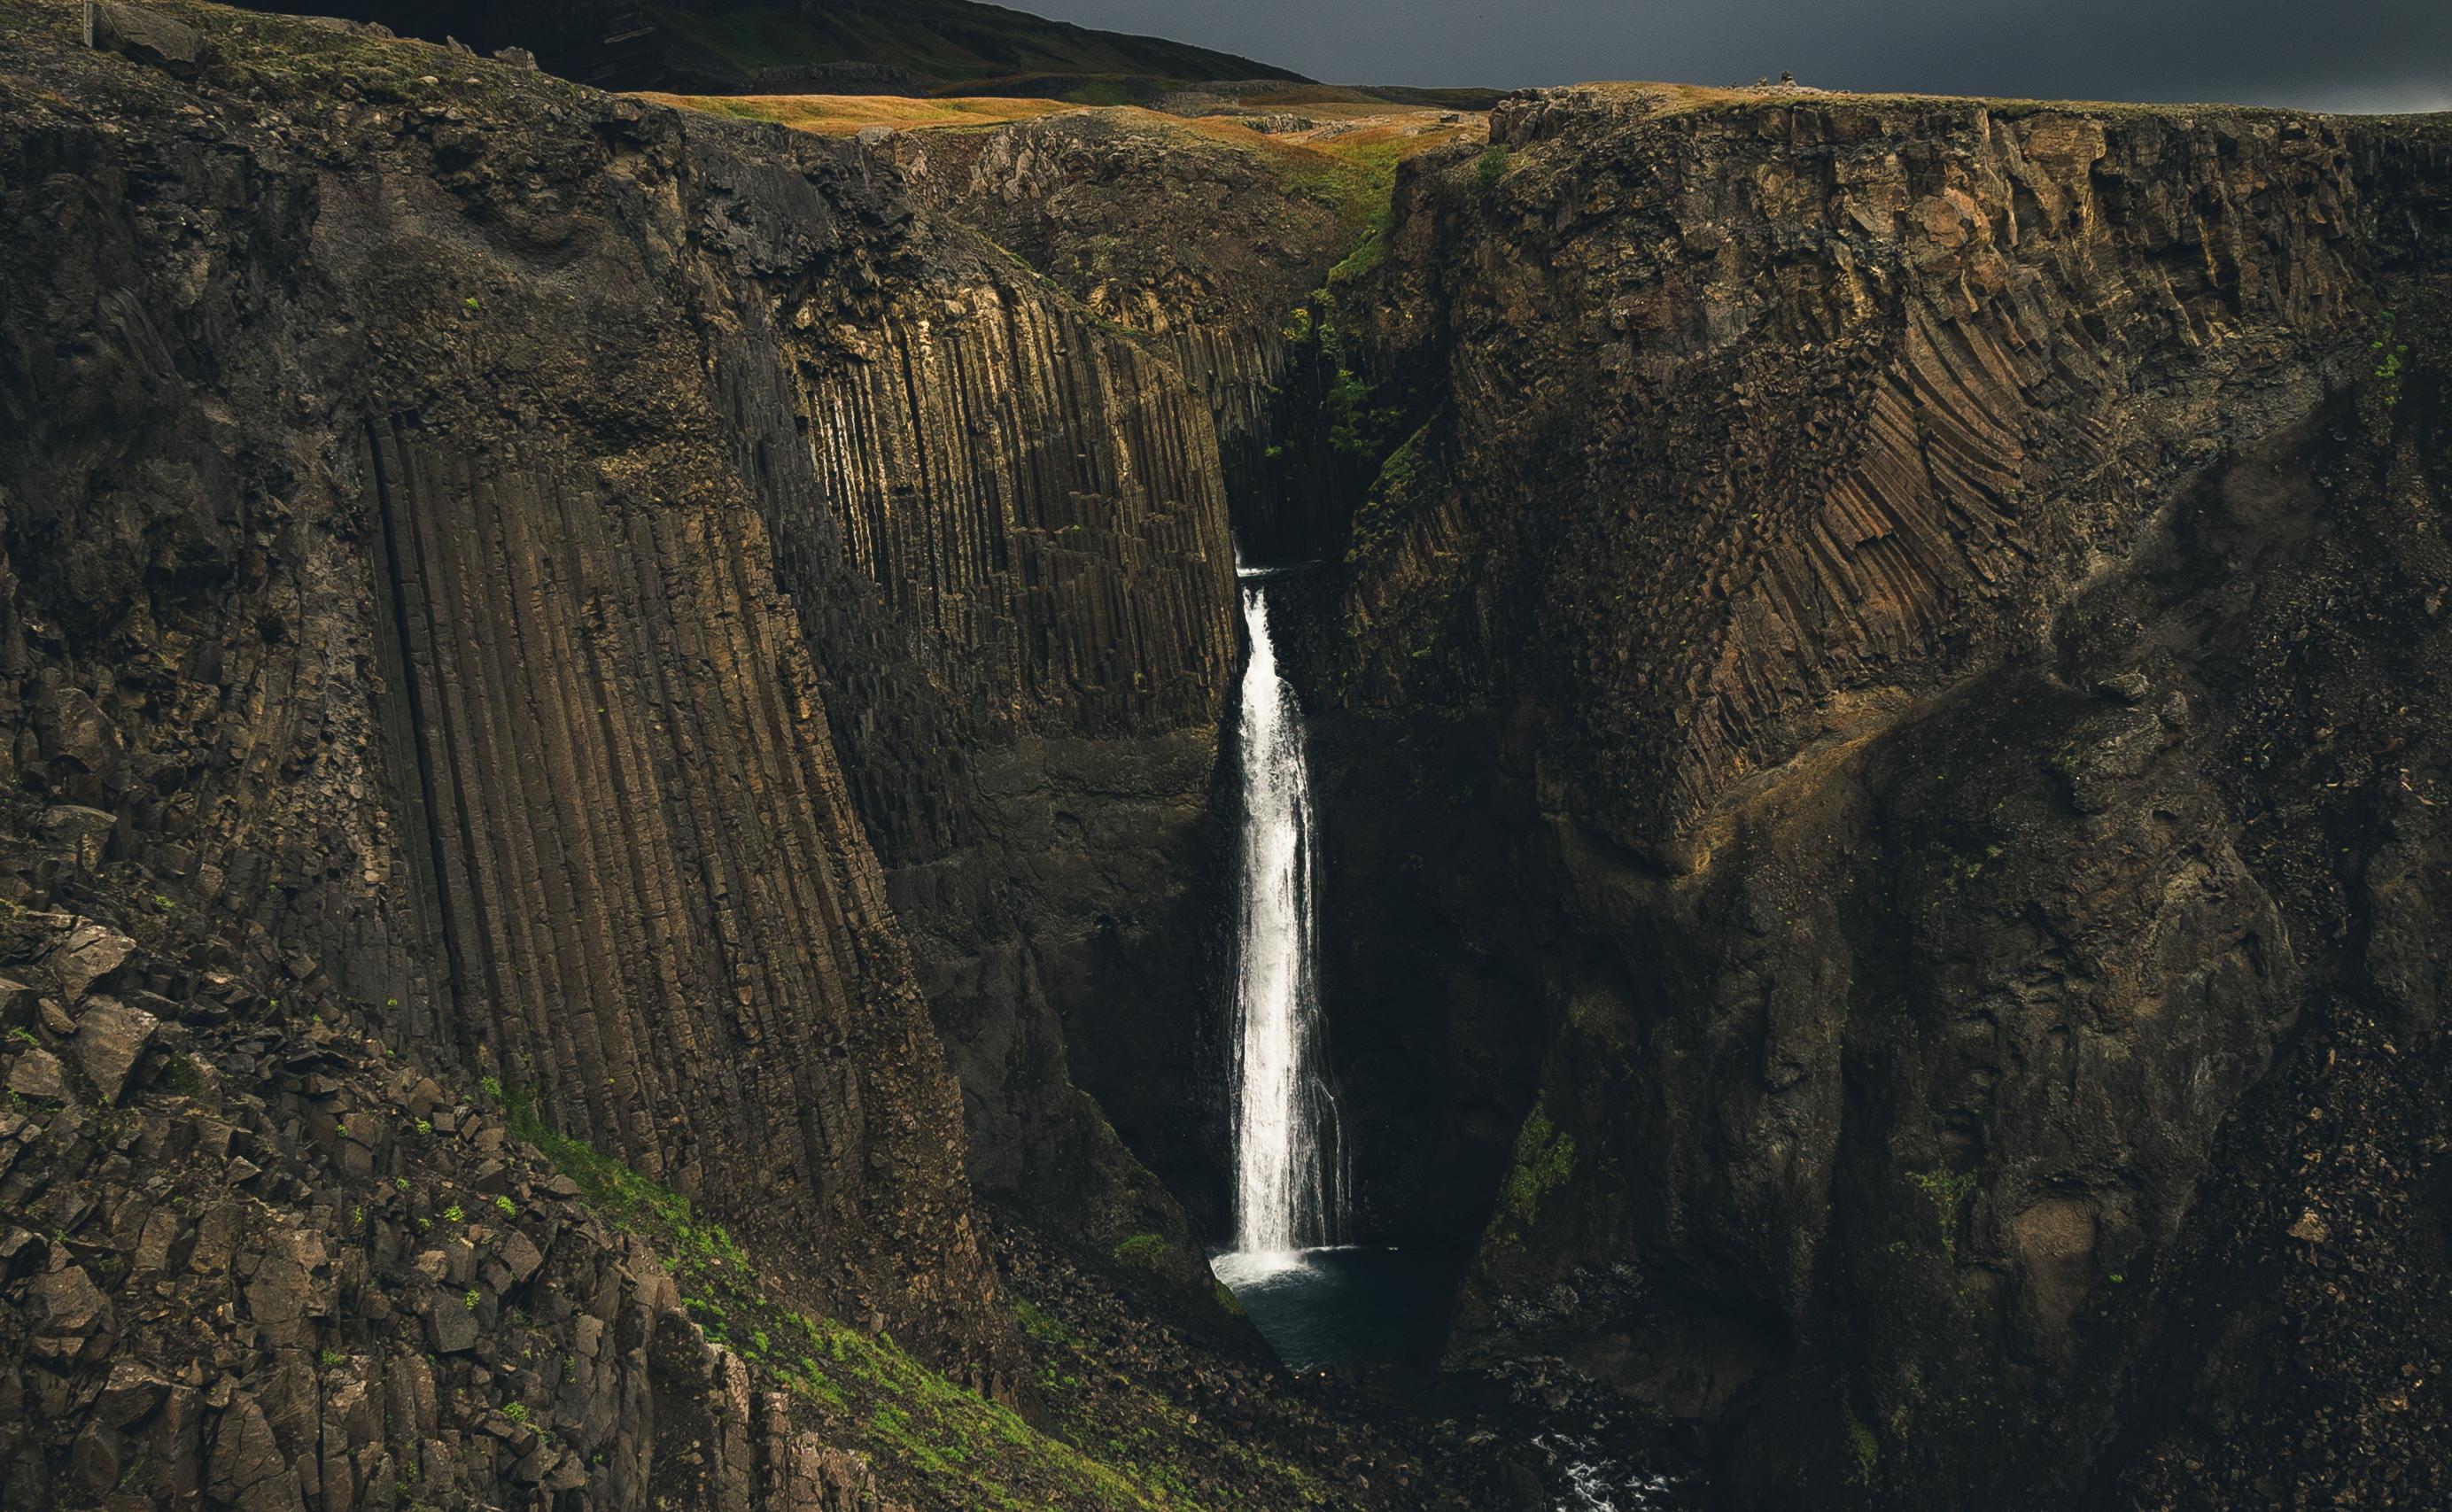 10-дневный тур | Путешествие по кольцевой дороге Исландии и Рейкьявик - day 5